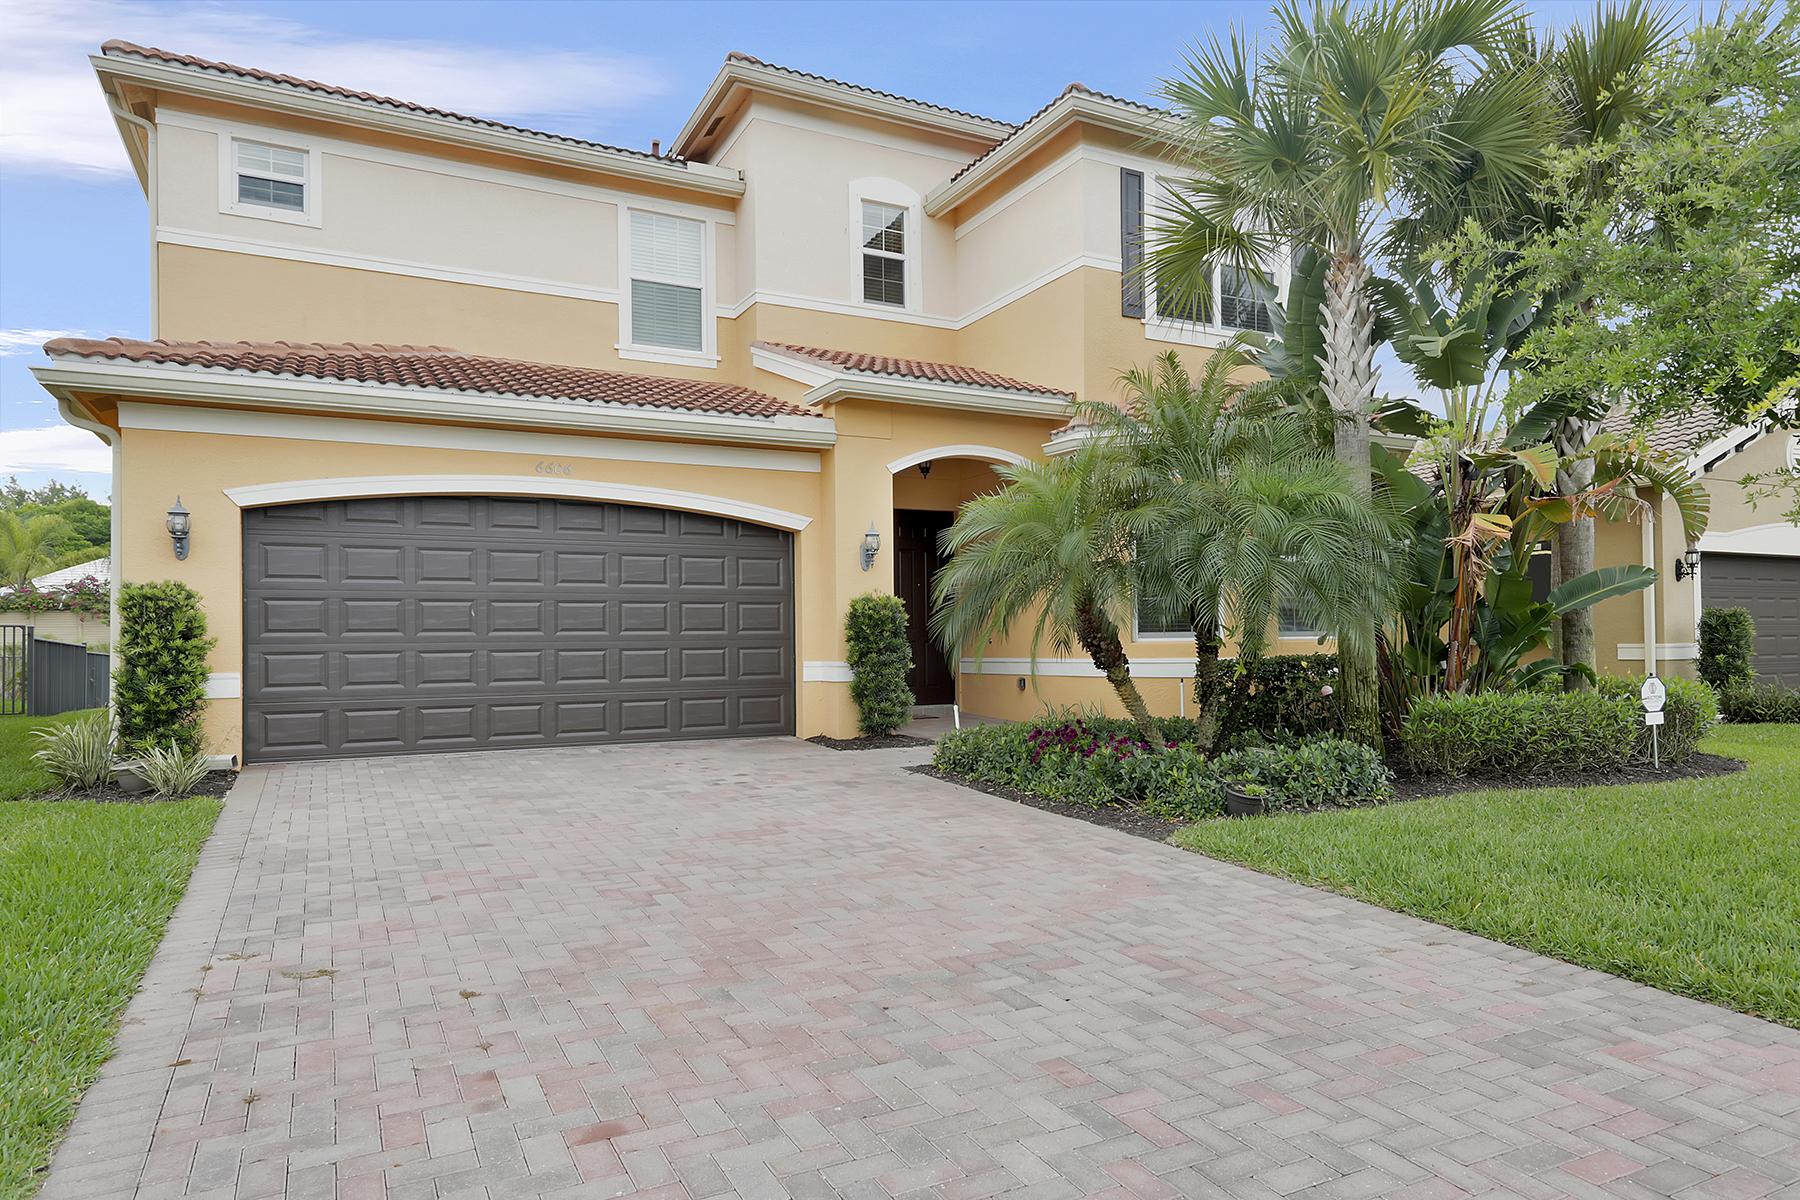 Частный односемейный дом для того Продажа на MARBELLA LAKES 6606 Marbella Dr Naples, Флорида, 34105 Соединенные Штаты